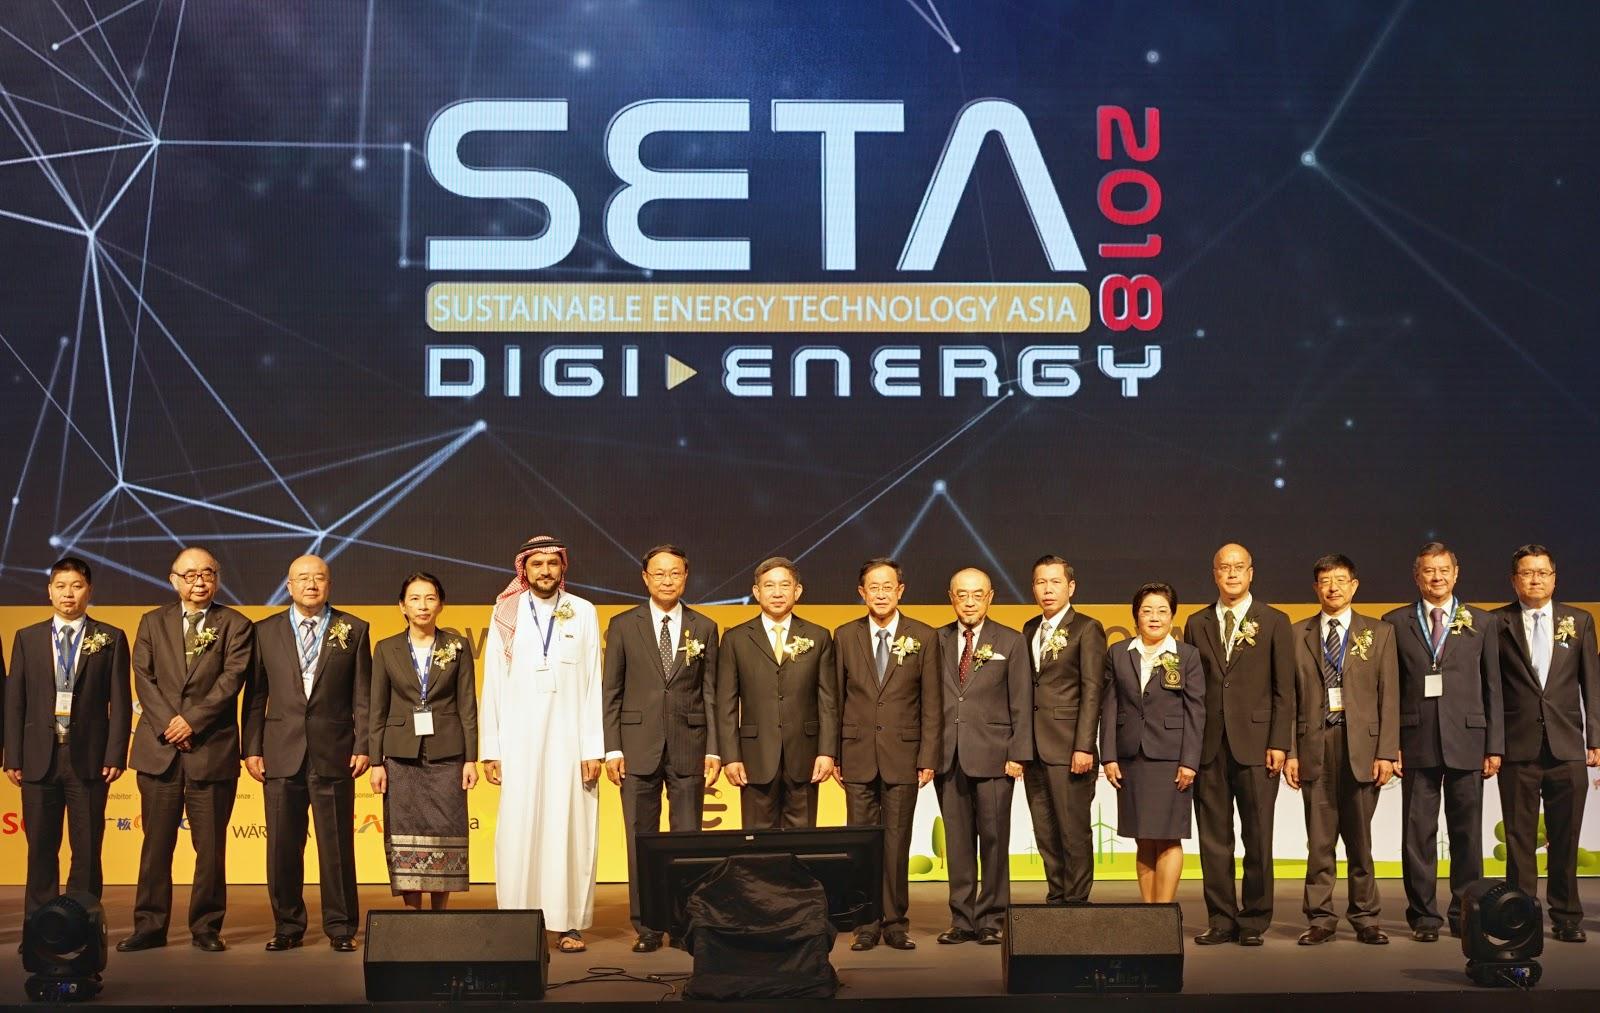 """เริ่มแล้ว.. SETA 2018   มหกรรมพลังงานและเทคโนโลยีที่ยั่งยืนแห่งเอเชีย จัดต่อเนื่องปีที่ 3   ภายใต้ธีม """"Towards Consolidated Innovative Energy Technology""""  เน้นชูผลงานนวัตกรรมเทคโนโลยียุคใหม่ขานรับไทยแลนด์4.0"""